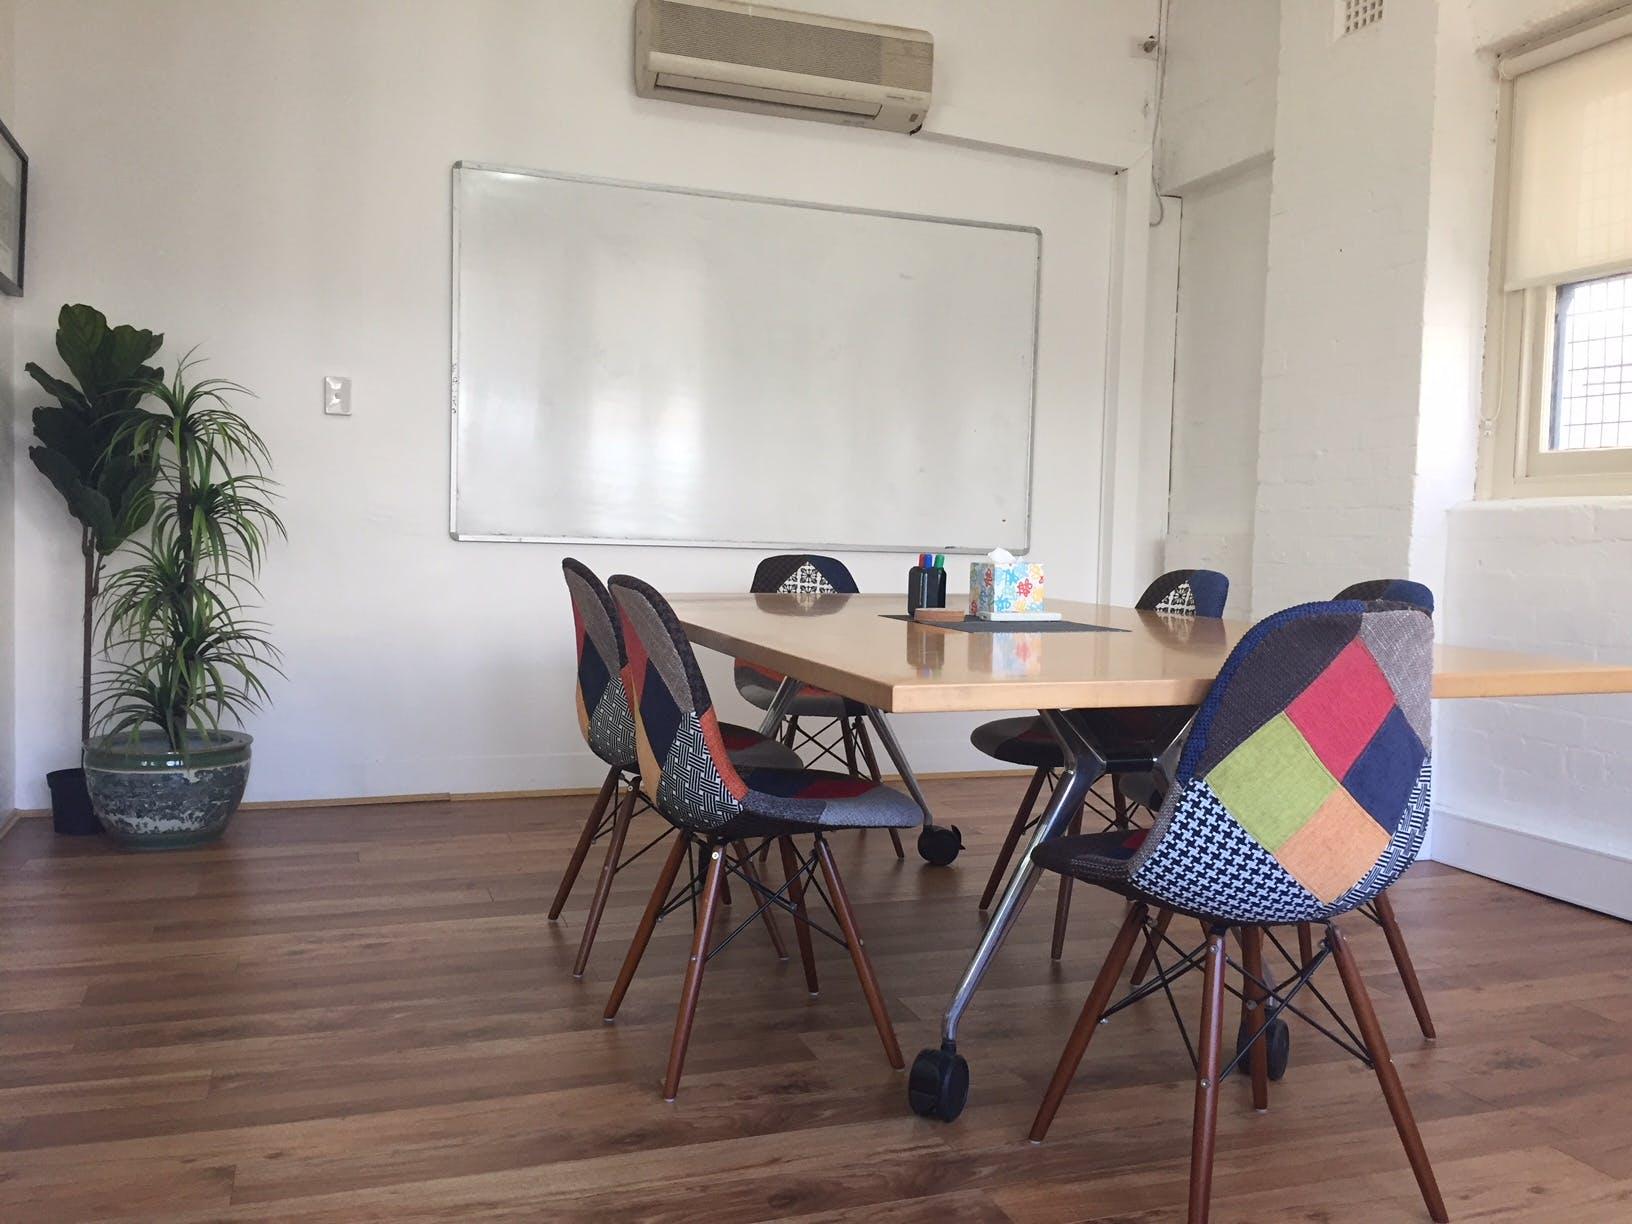 Meeting room at Zadro Agency, image 1